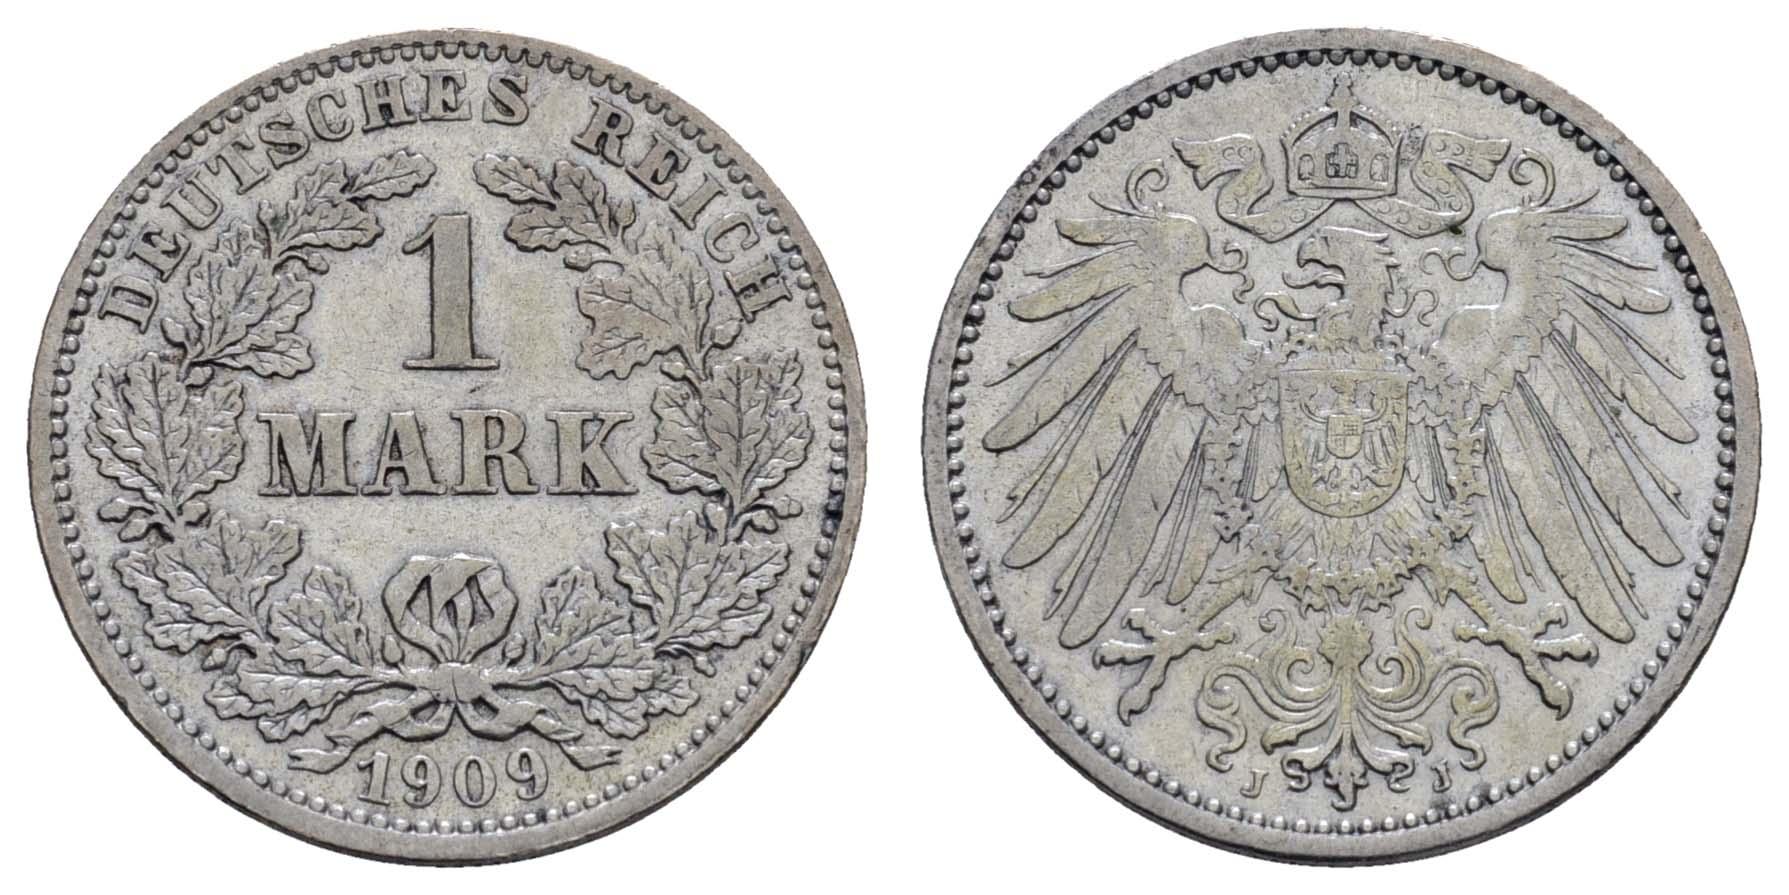 Lot 651 - deutschland Kaiserreich Silbermünzen - Kursmünzen -  Auktionshaus Ulrich Felzmann GmbH & Co. KG Coins single lots